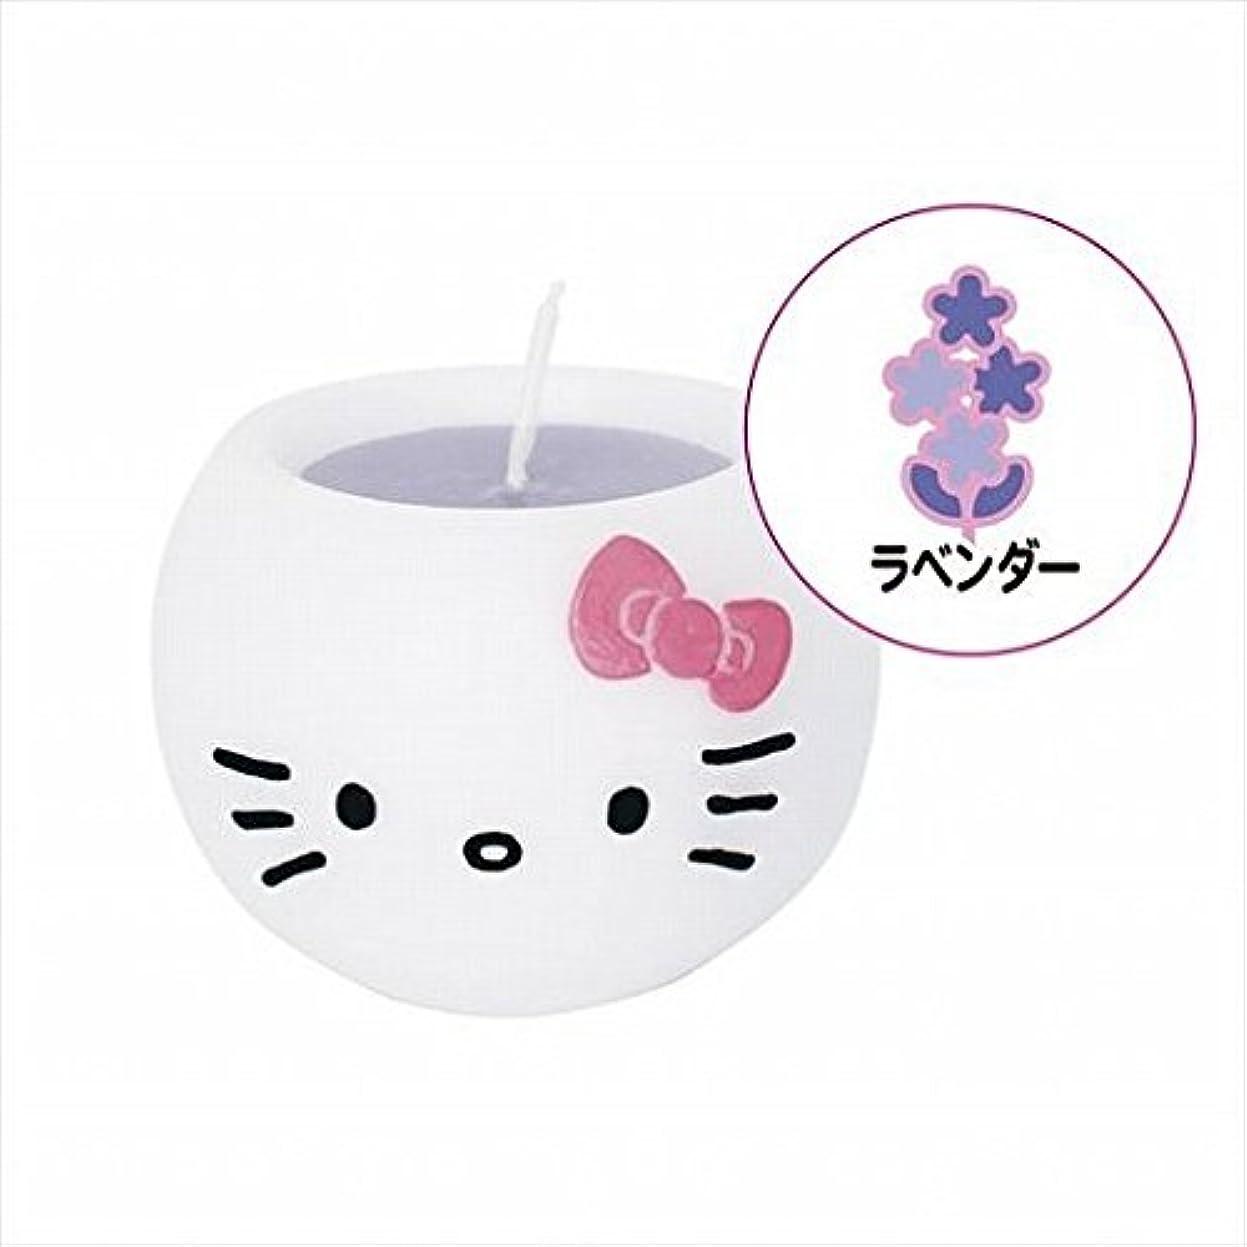 前文成熟したギネスkameyama candle(カメヤマキャンドル) ハローキティアロマキャンドル 「 ラベンダー 」 キャンドル 58x58x45mm (A6980520)